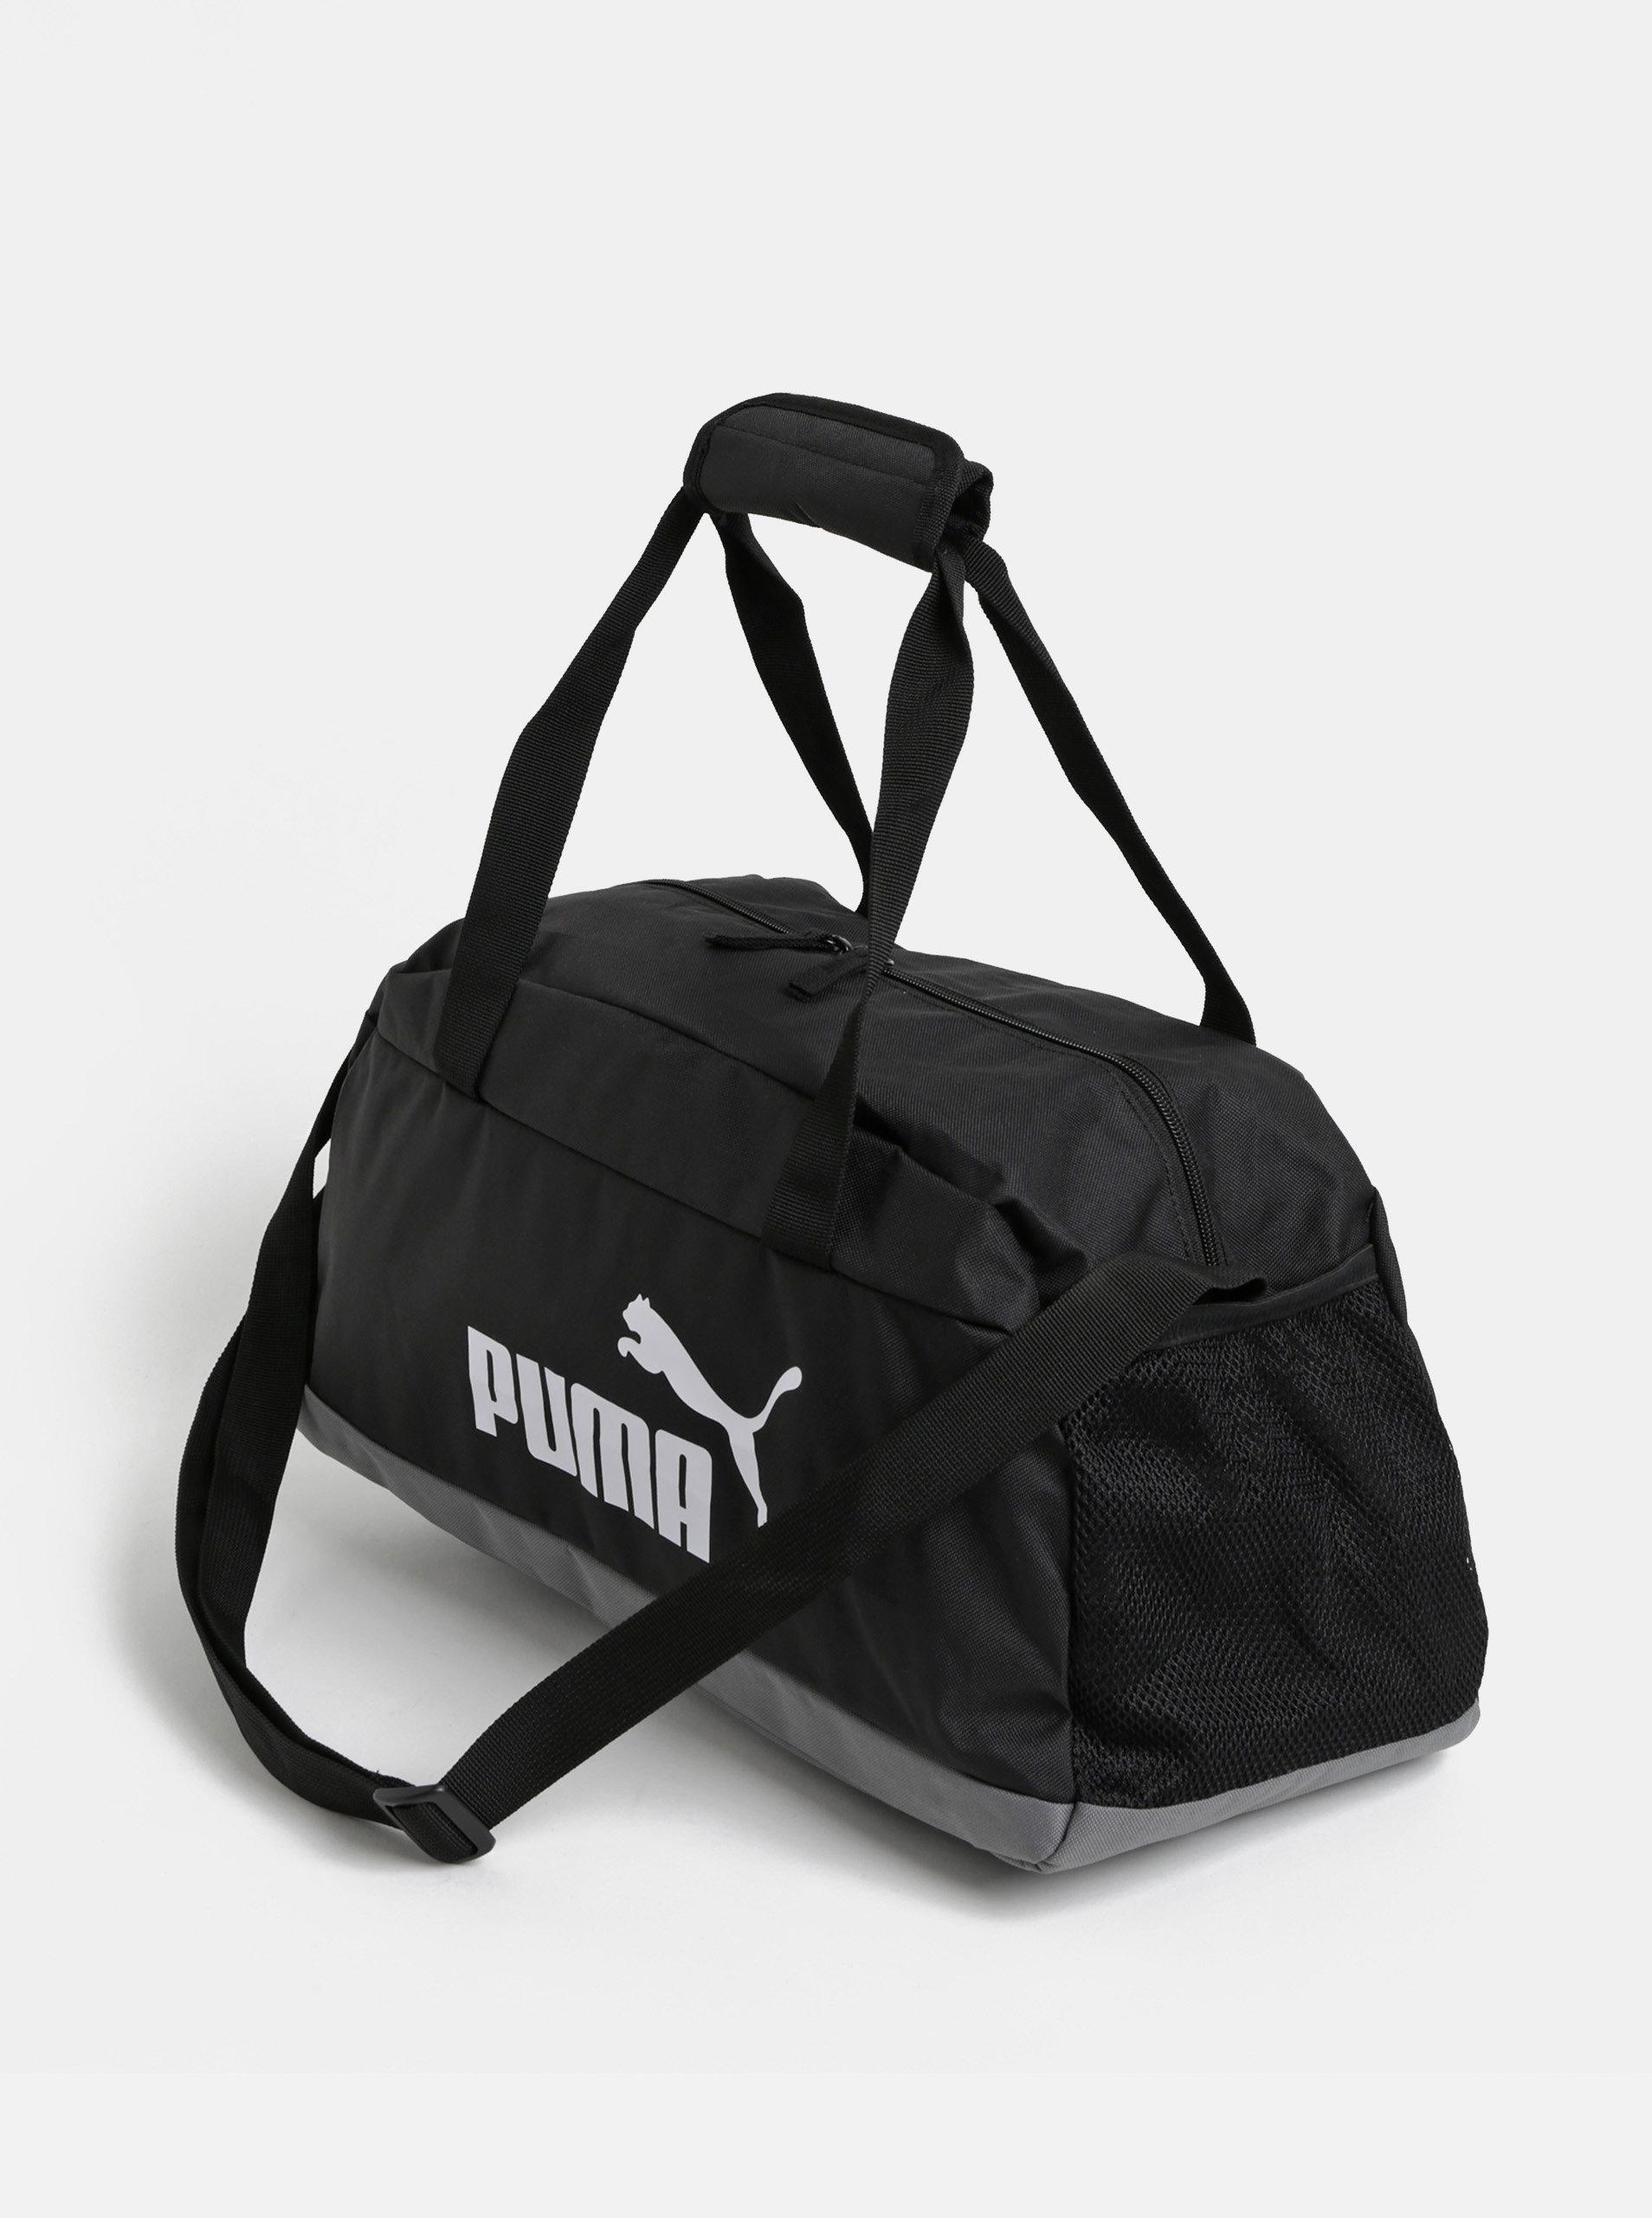 56fbd6a783 Čierna športová taška s potlačou Puma ...